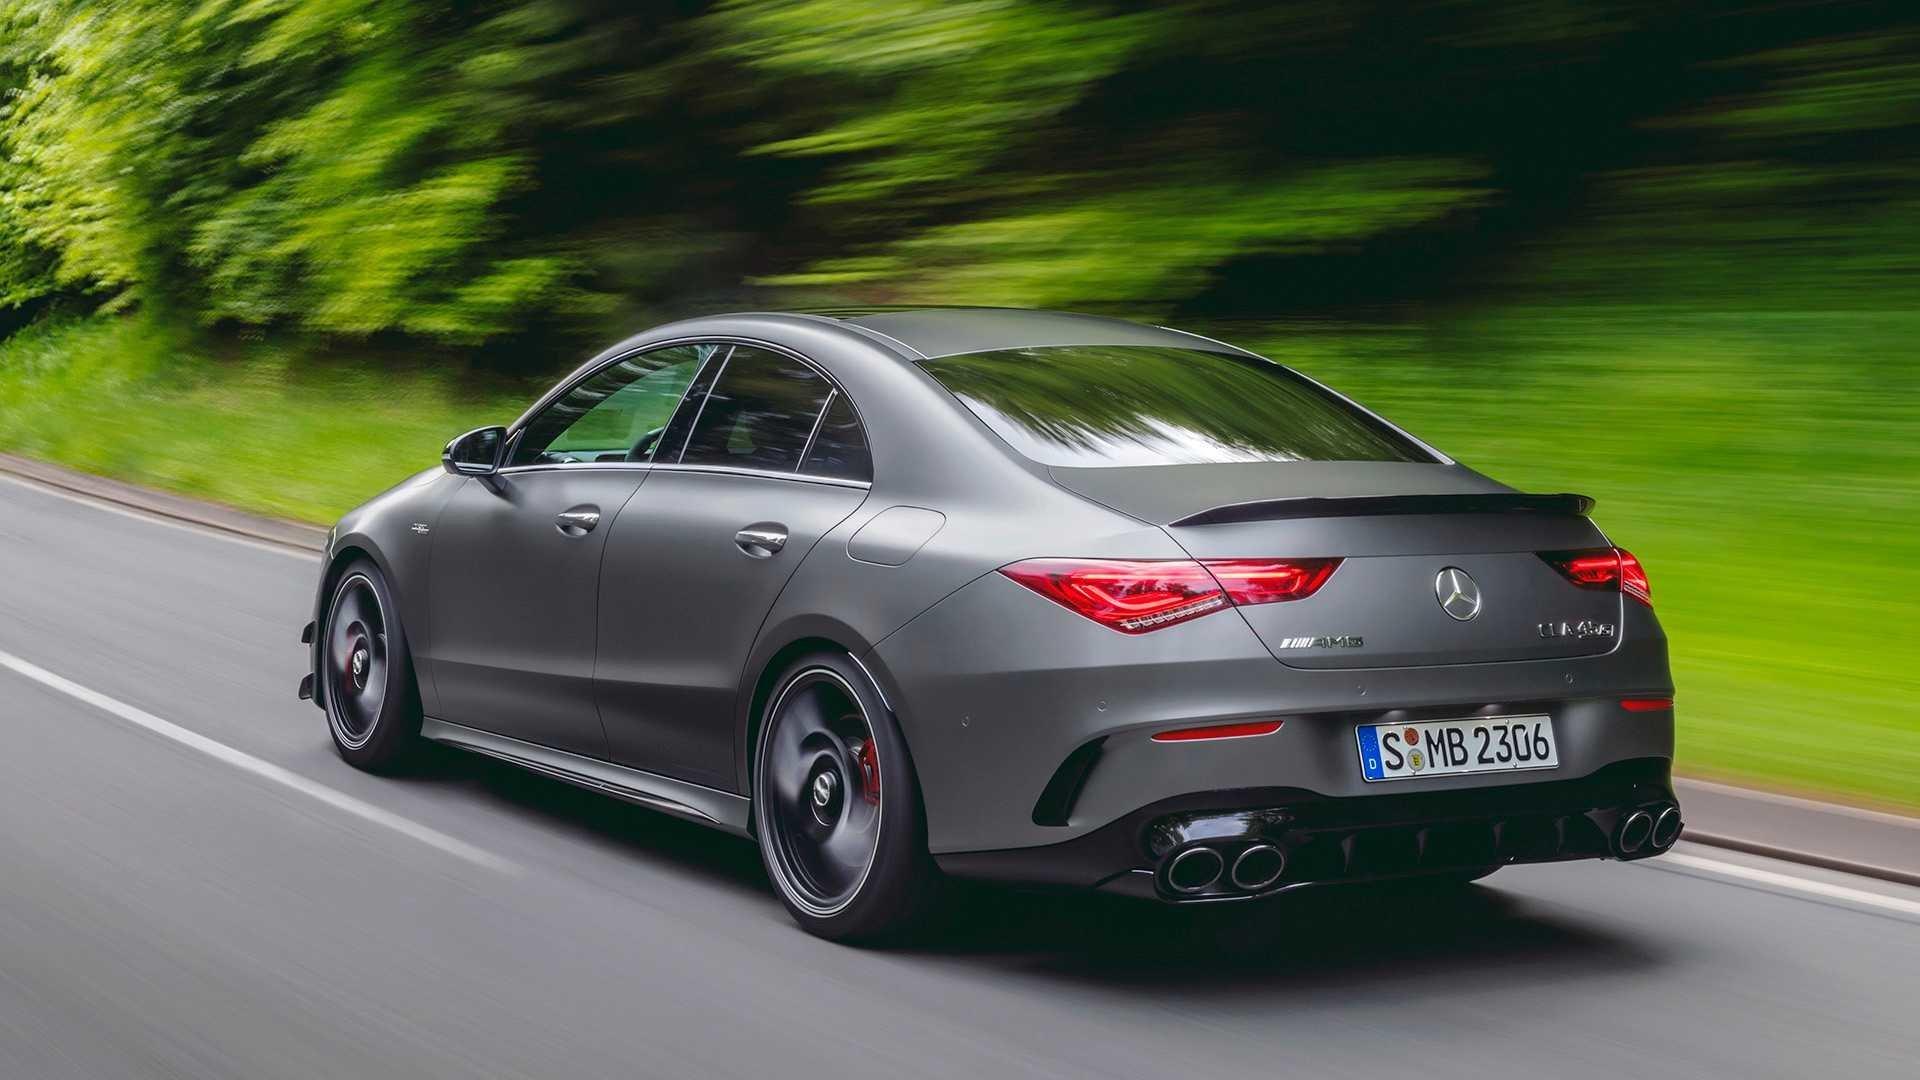 задние фонари Mercedes-AMG CLA 45 S 2020